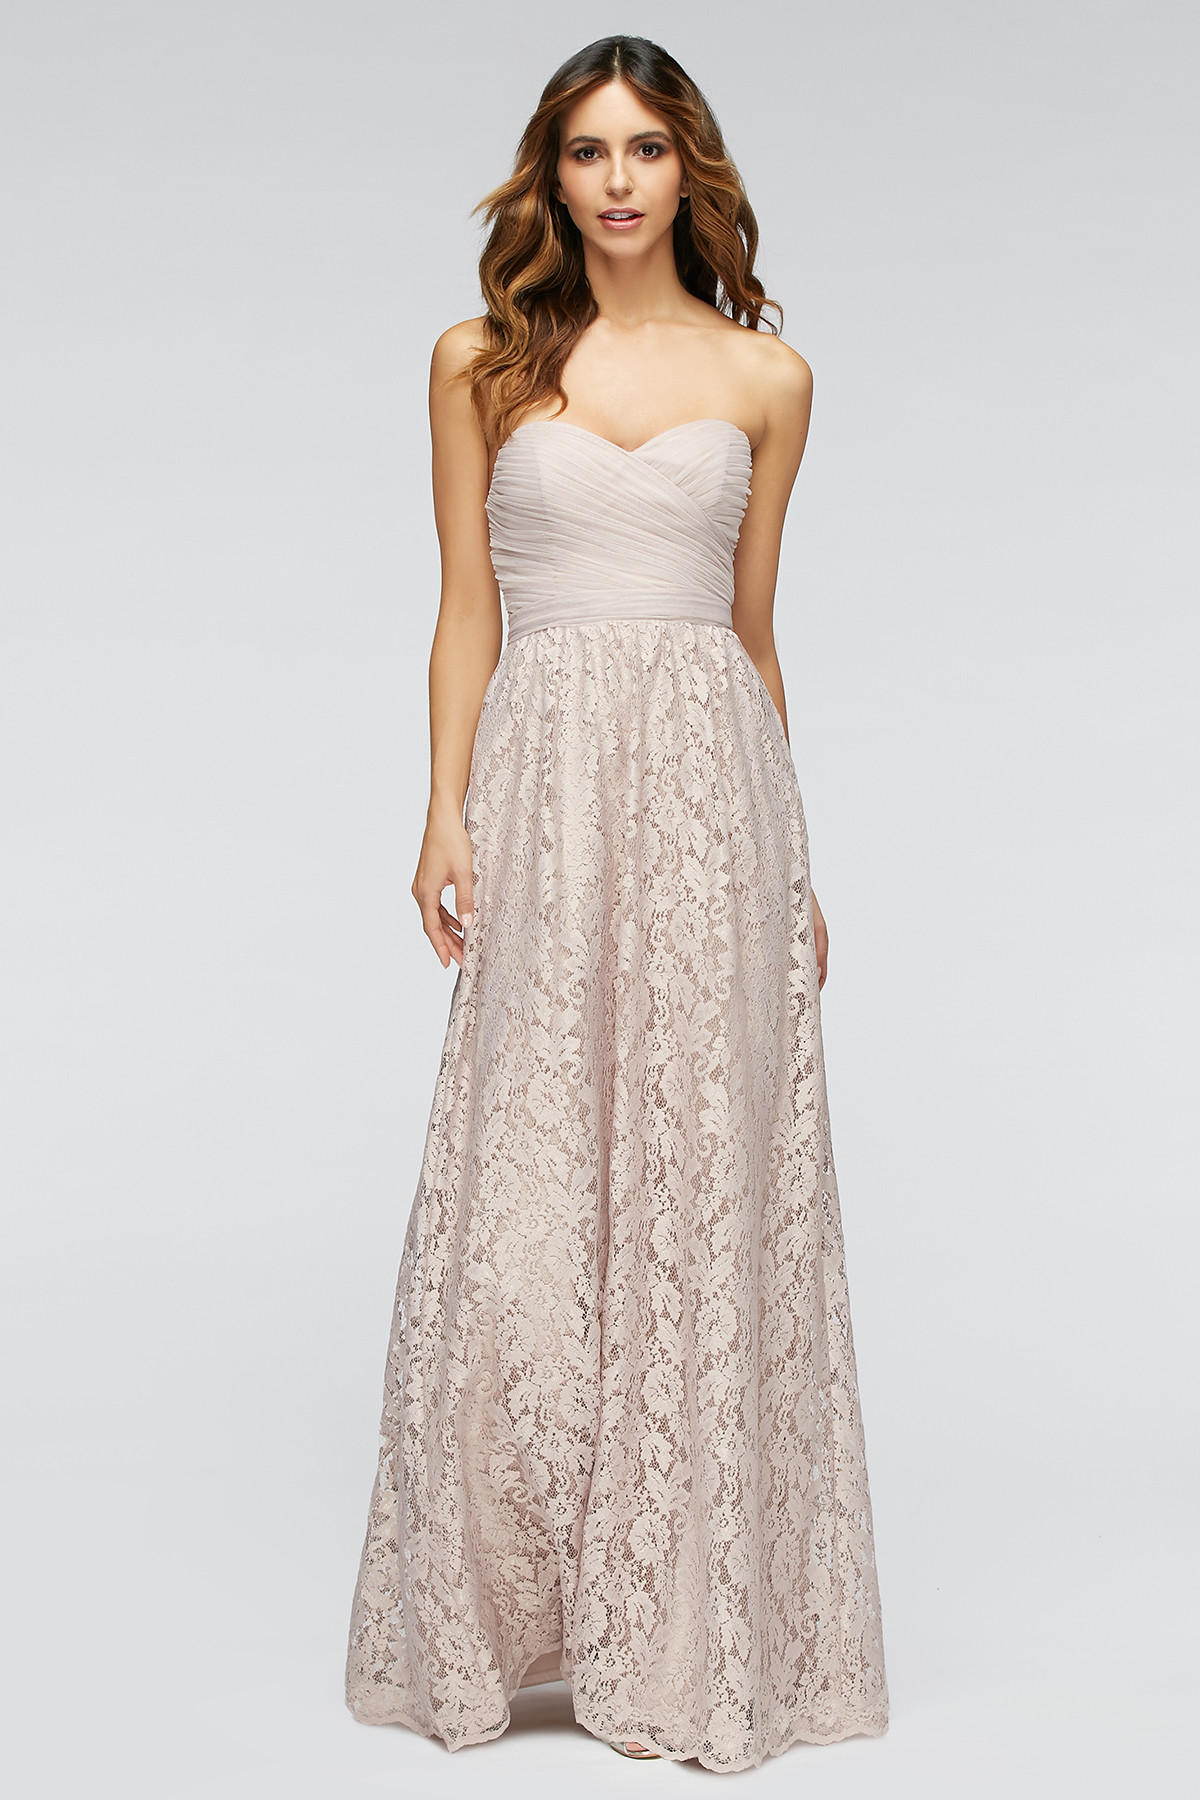 Acacia Skirt